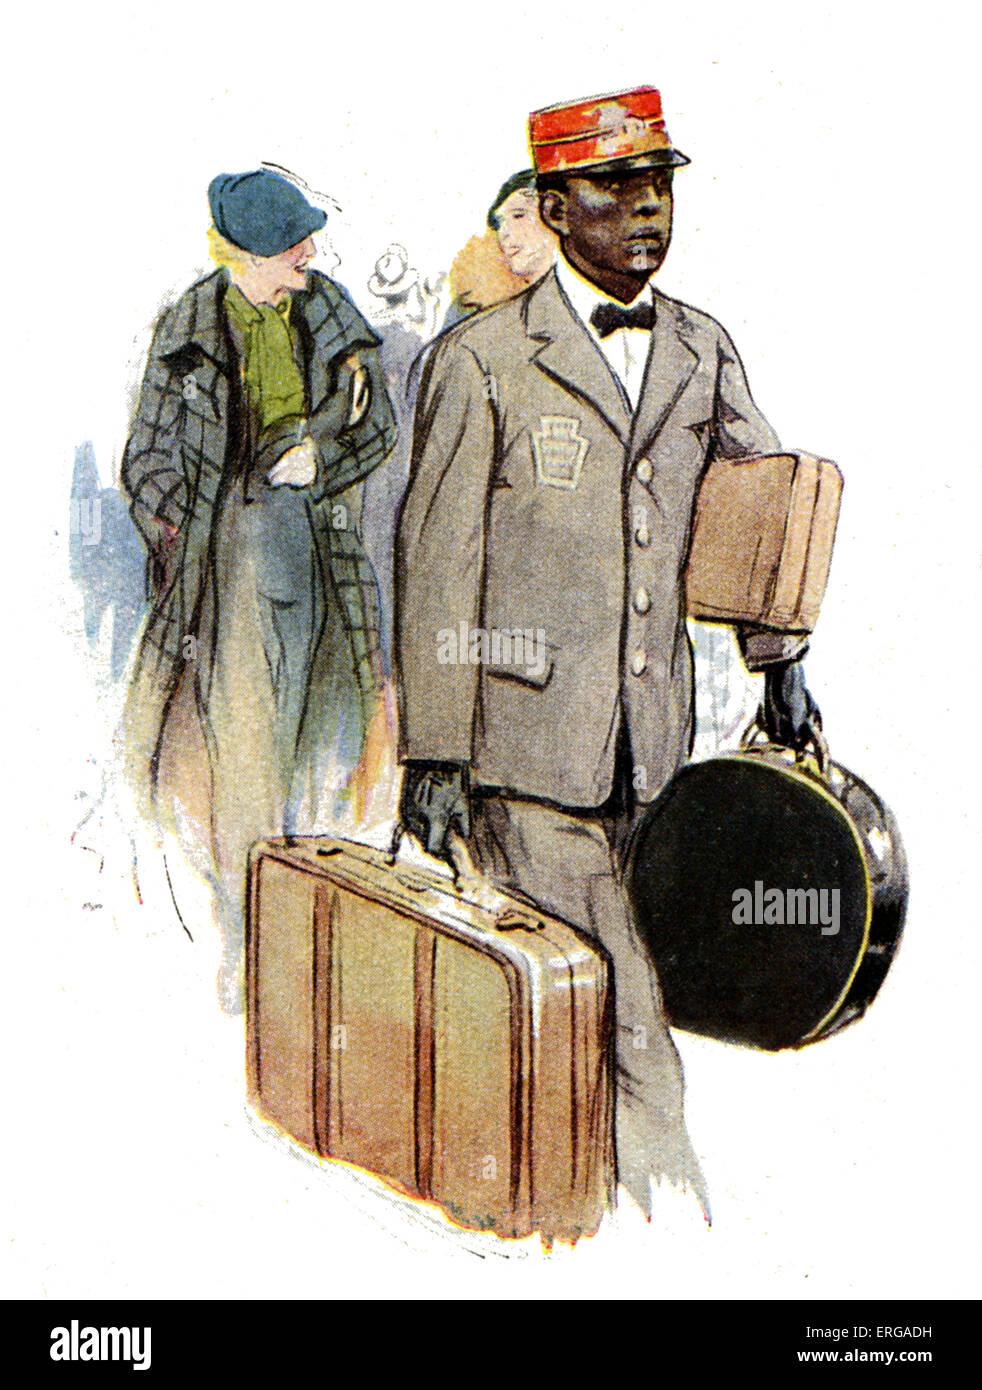 Les uniformes du personnel ferroviaire, 1920-30s: la station américaine porter. Photo Stock